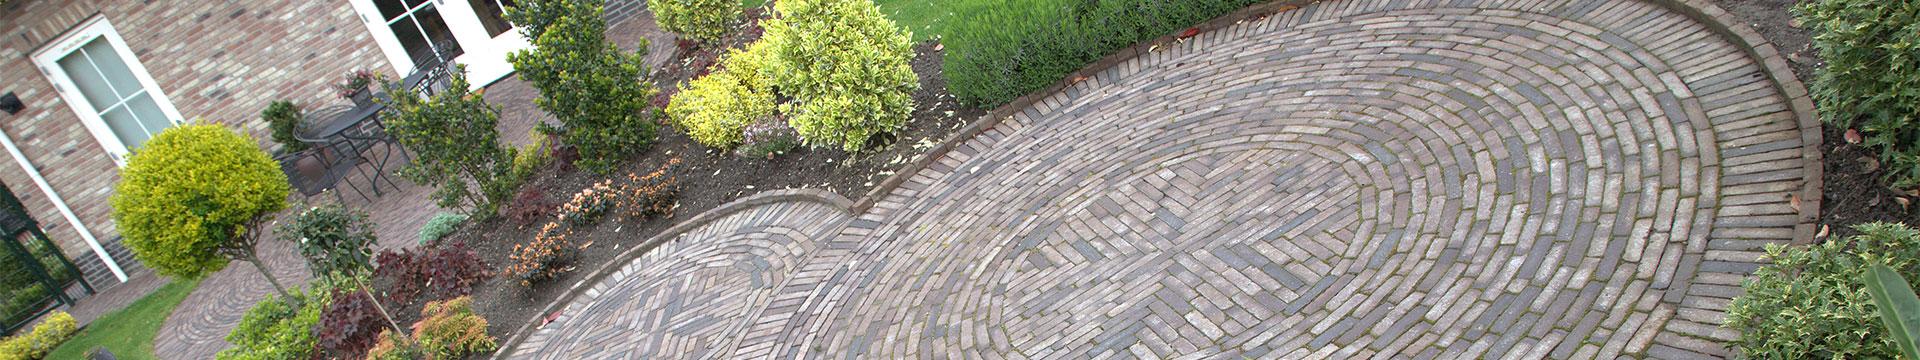 residence-garden-sierbestrating-barendrecht-header